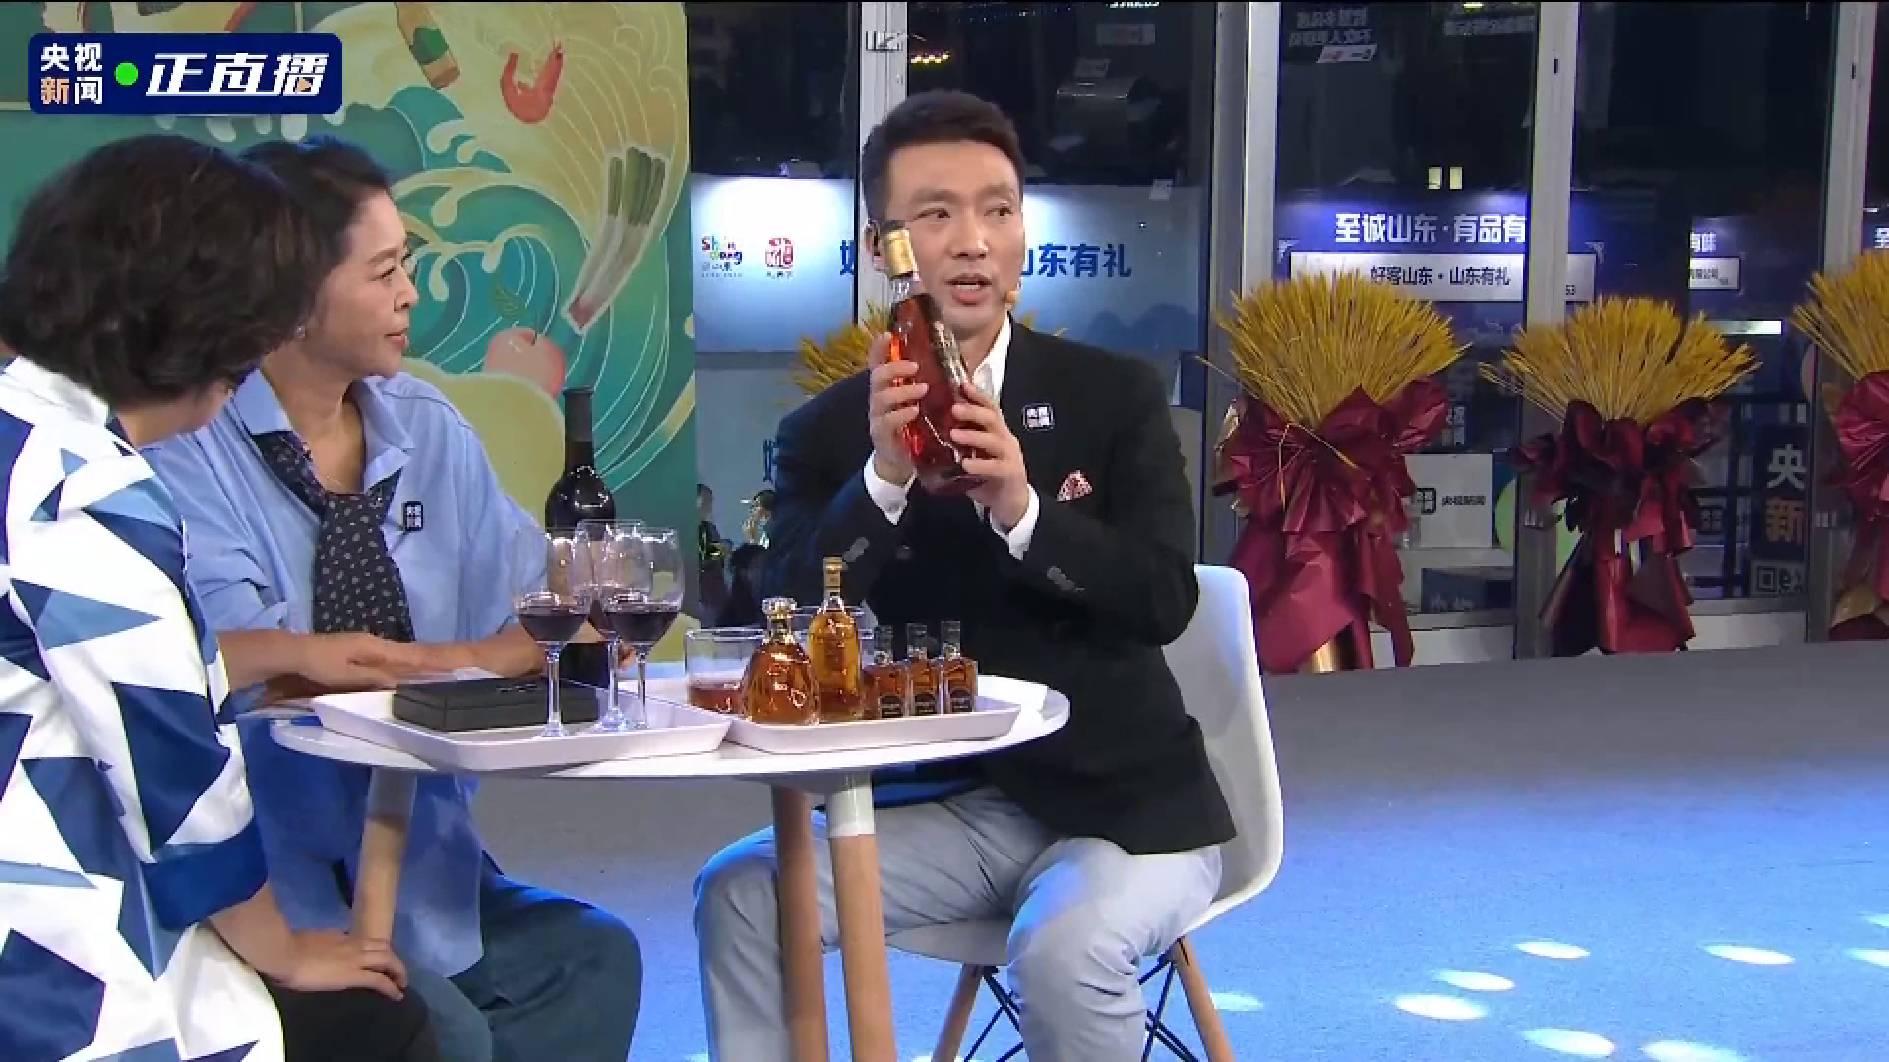 新消费·爱生活|倪萍、鞠萍、康辉直播间共同举杯,啥好酒让康辉只想要赠品?